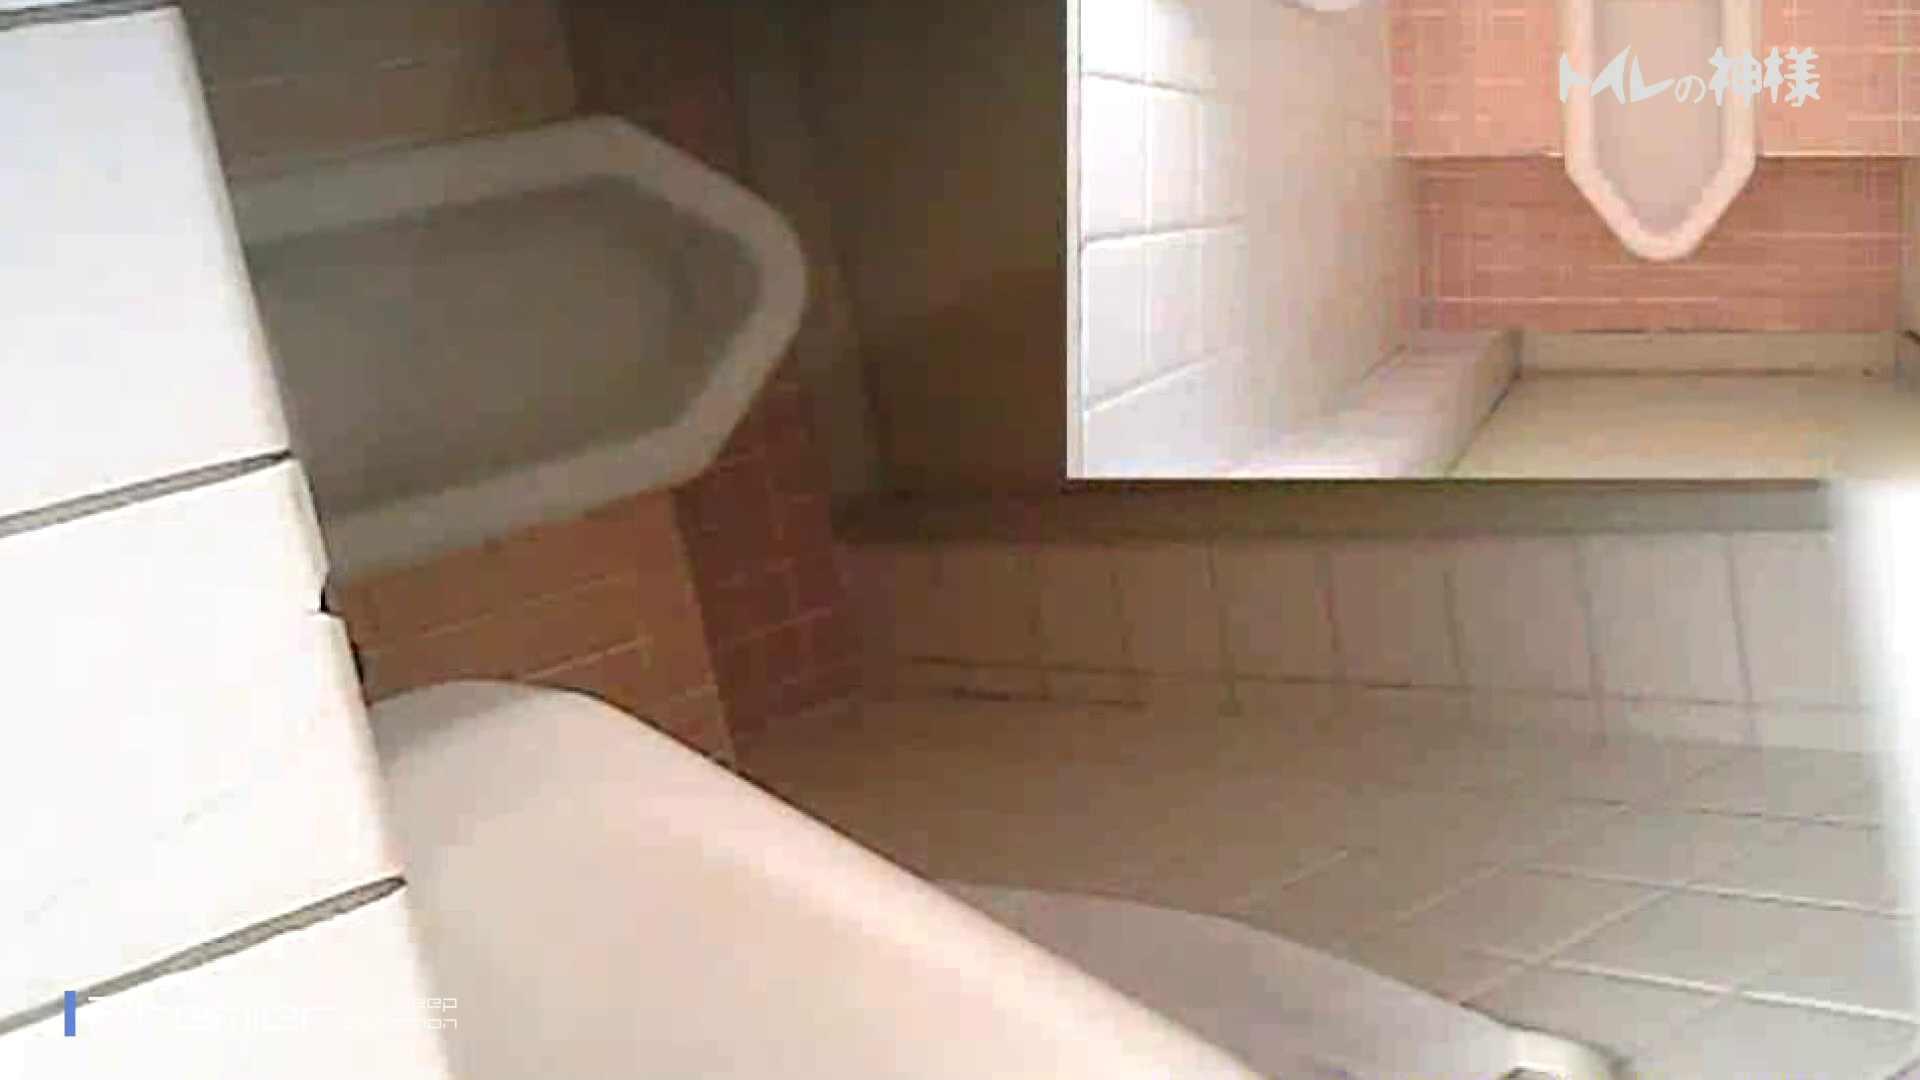 kyouko排泄 うんこをたくさん集めました。トイレの神様 Vol.14 ギャル達 AV無料動画キャプチャ 92枚 52